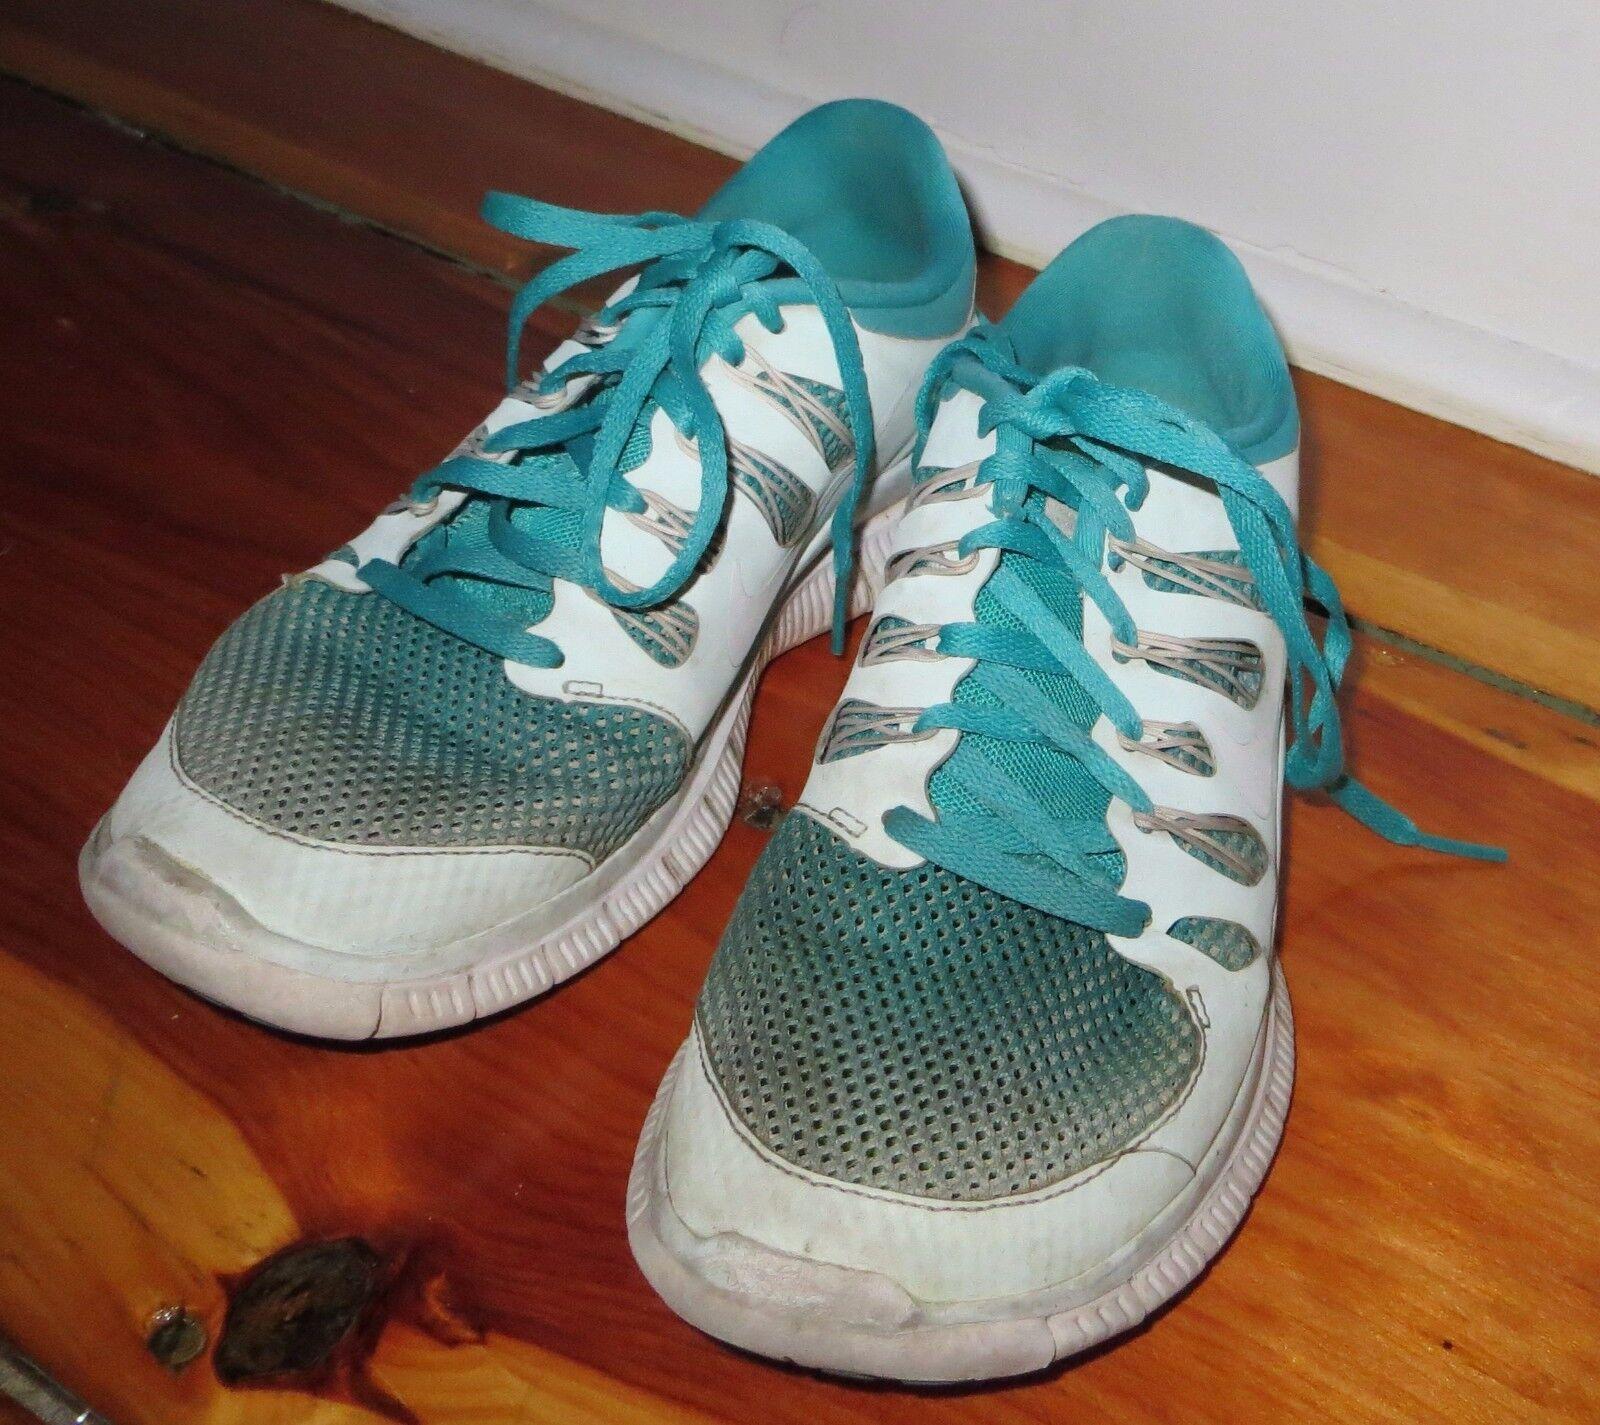 Nike libera 5.0   respirare respirare respirare donne blu   bianco, misura 7,5 turchese | Prestazioni Affidabili  | Scolaro/Signora Scarpa  d9e4f0